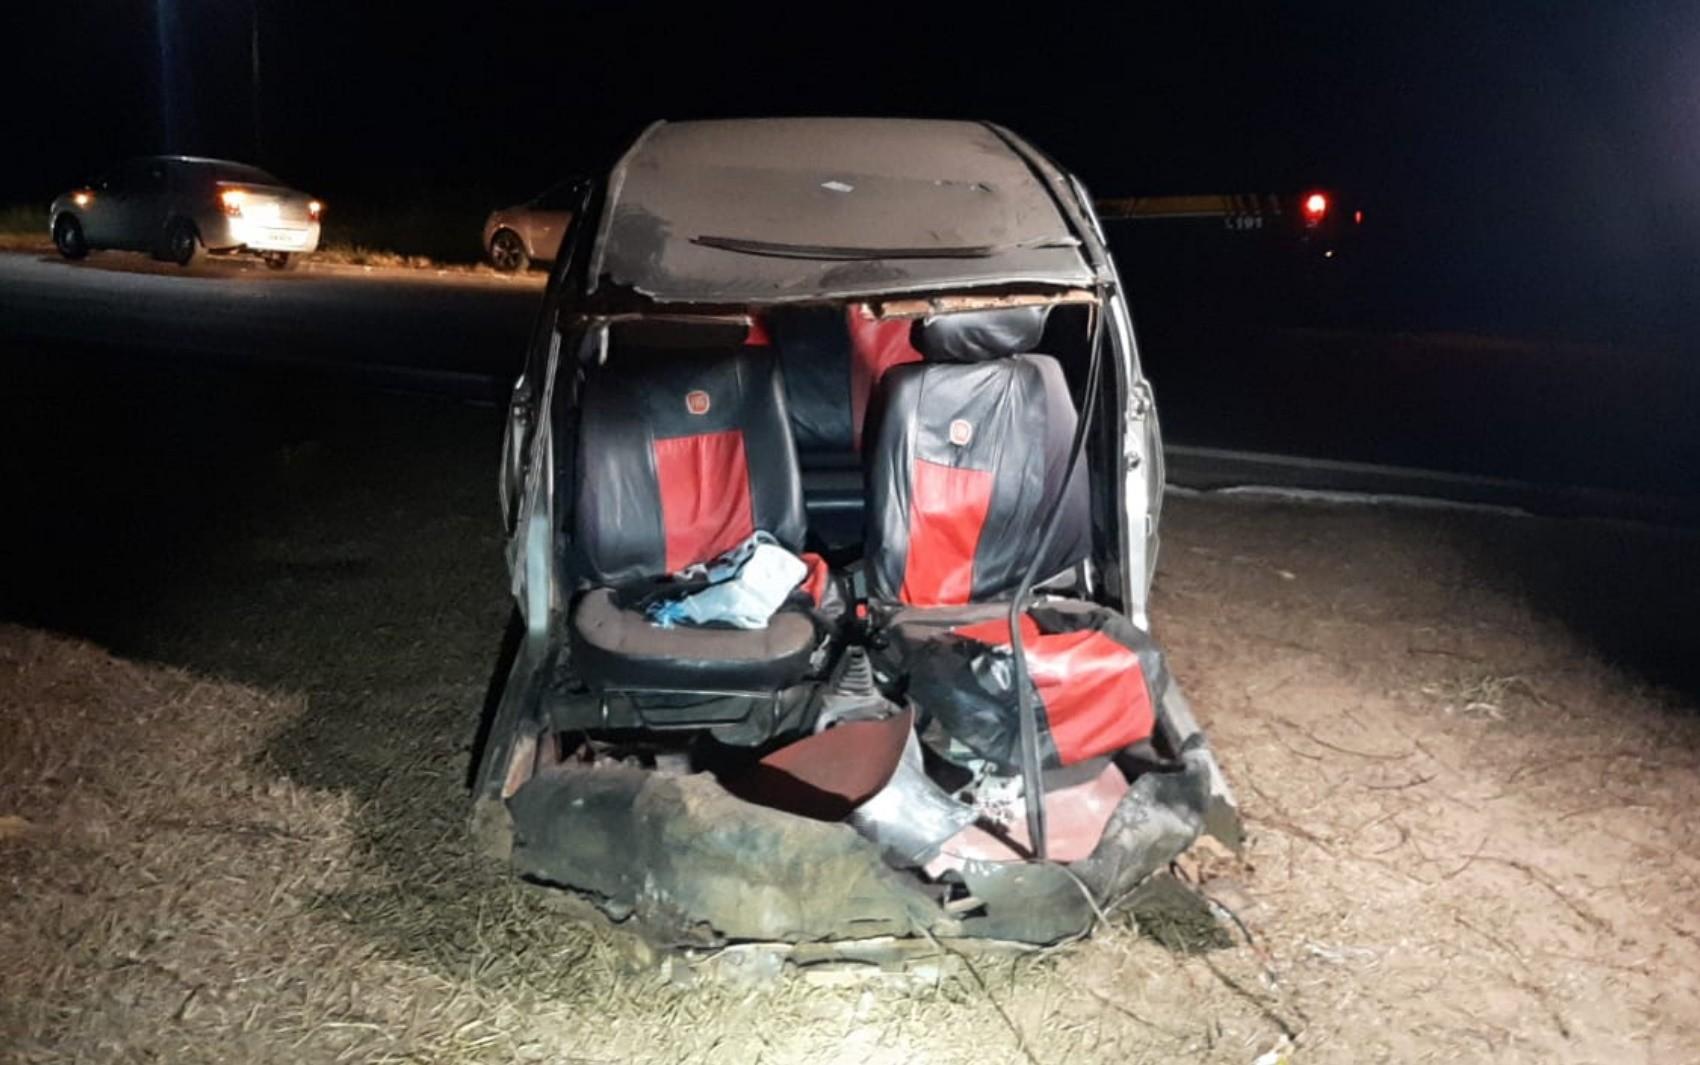 Motorista sai praticamente ileso após carro se partir ao meio em acidente em Santa Rita do Araguaia